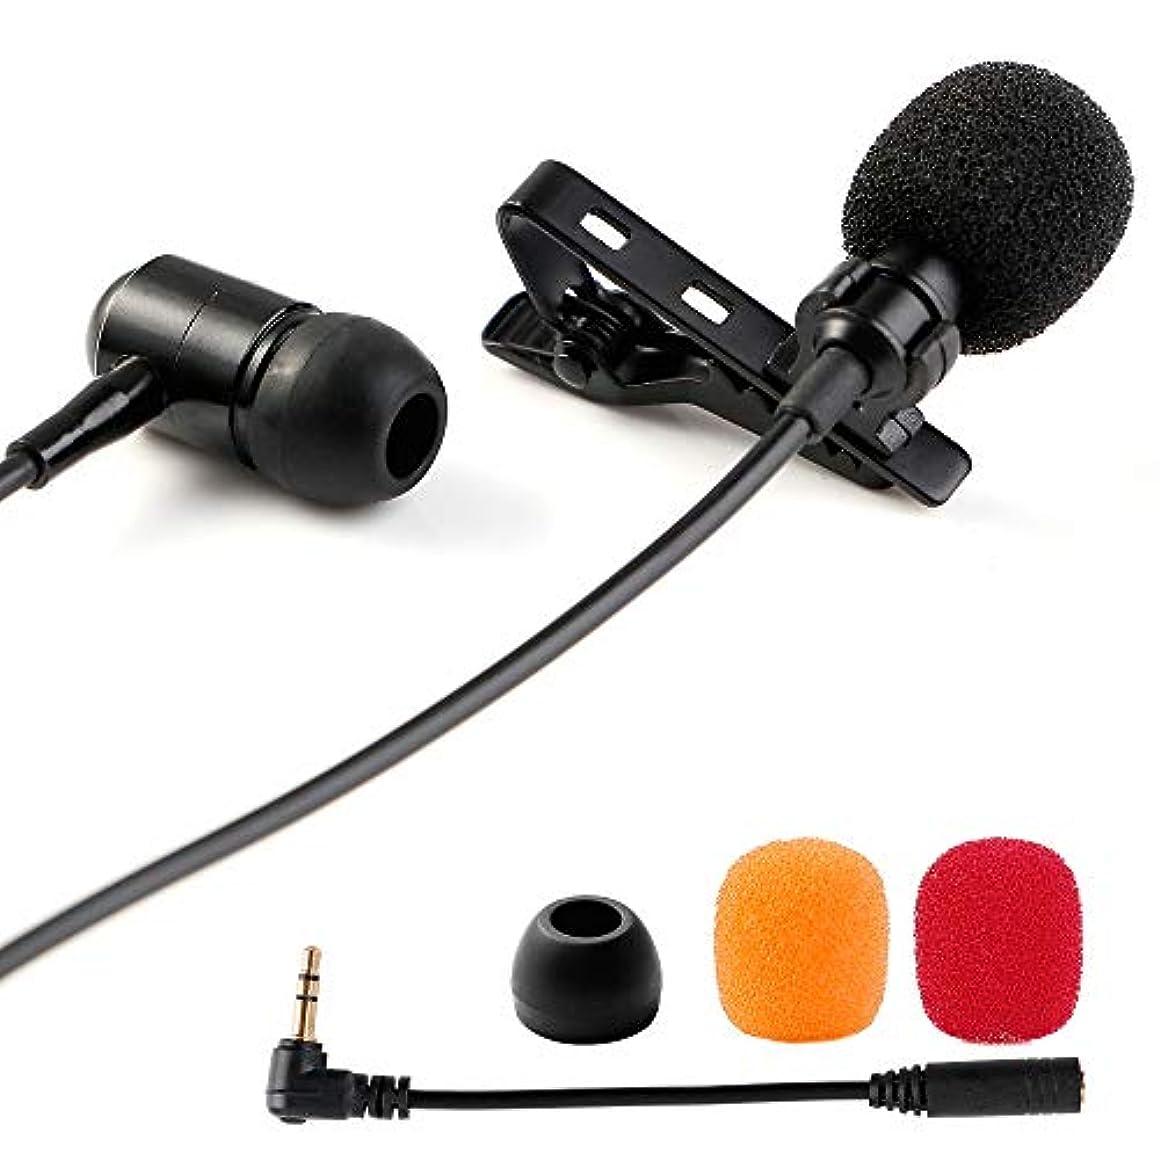 理論的お手入れ芽PoP voiceコンデンサーマイク イヤホン付きミニマイク ピンマイク 3.5mm 無指向性 クリップ式 録音 iPhone/iPad/Android/pc/カメラに対応 収納ポーチ付属 (ブラック)